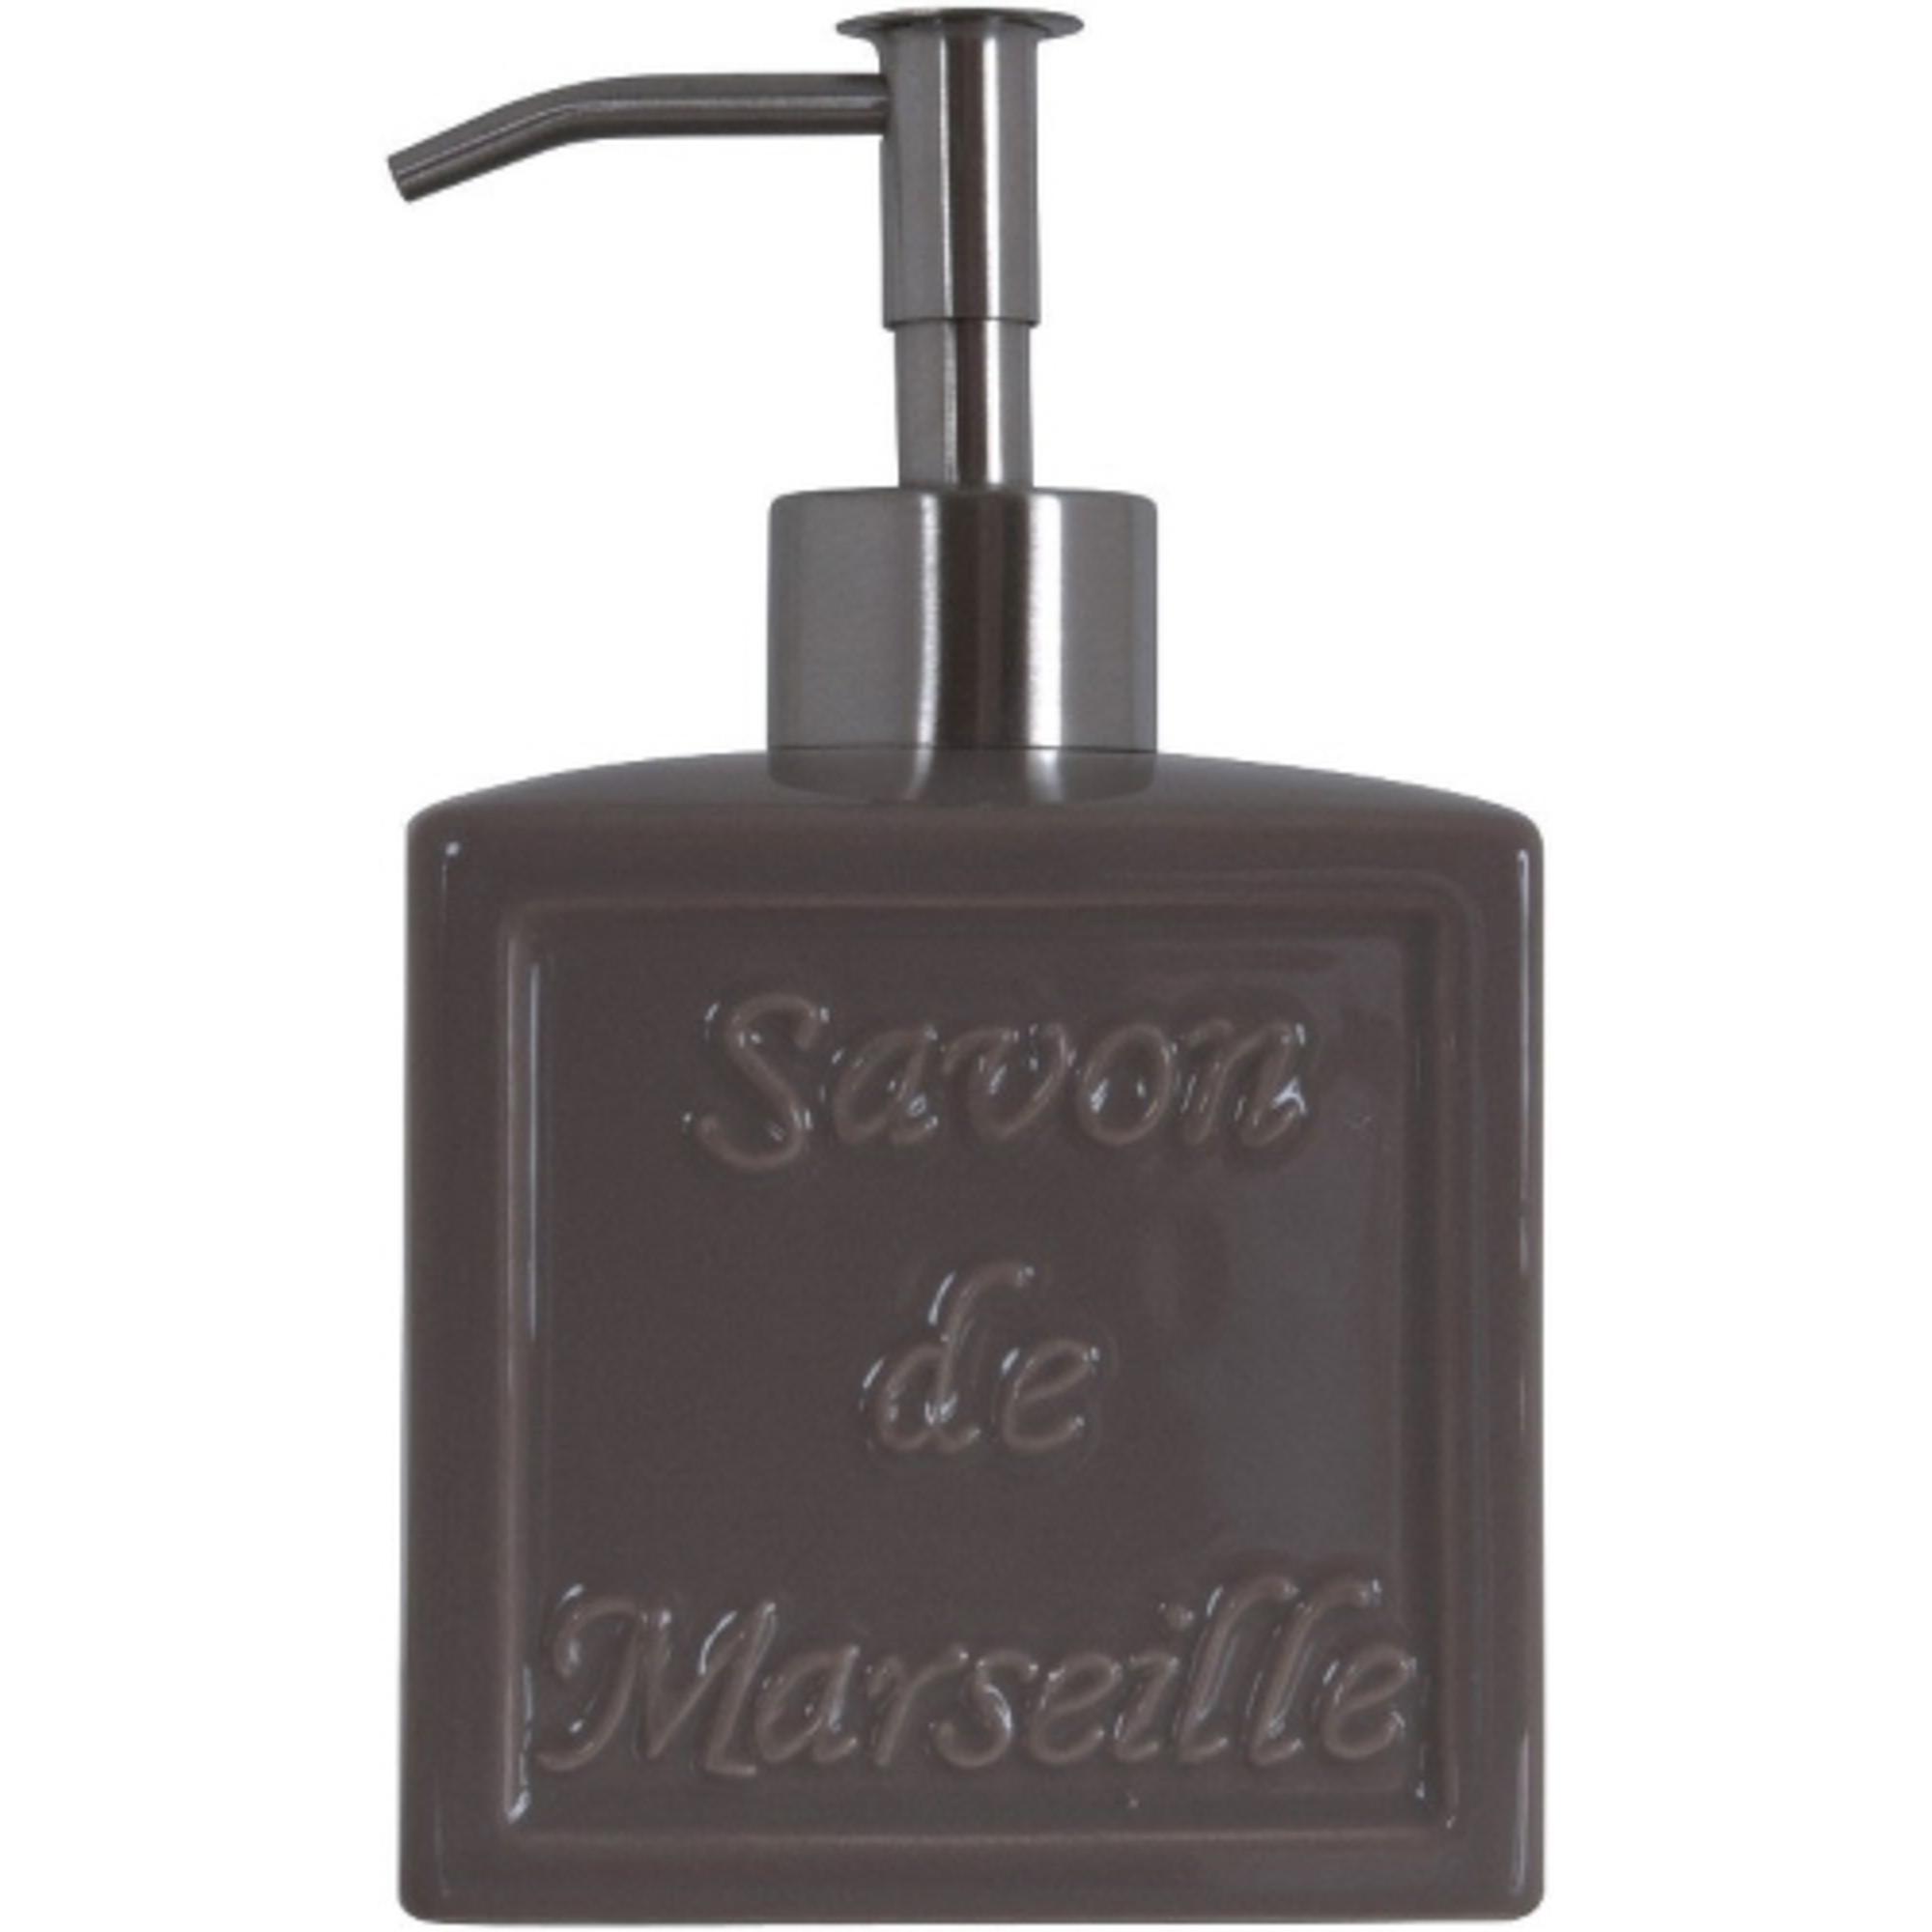 Дозатор для жидкого мыла Spirella Savon de Marseille Grey дозатор для жидкого мыла le bain gris